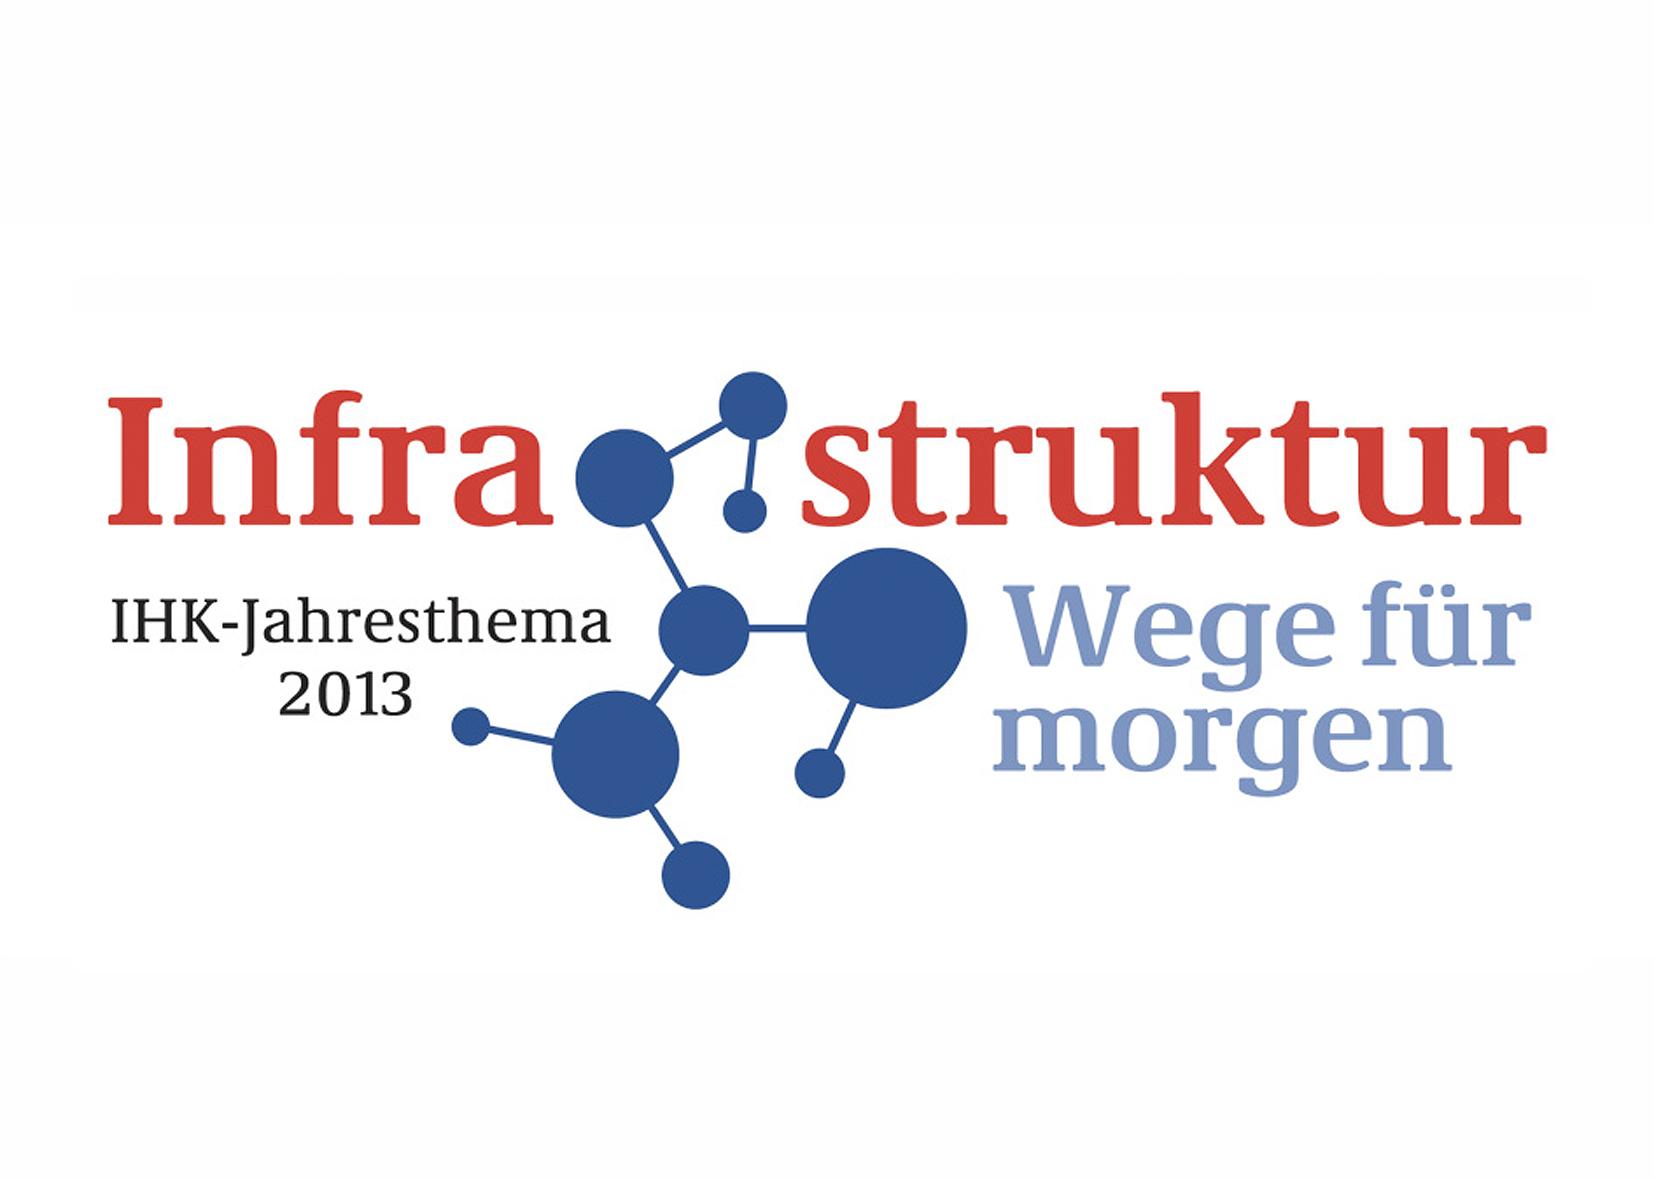 IHK-Jahreslogo 2013-2